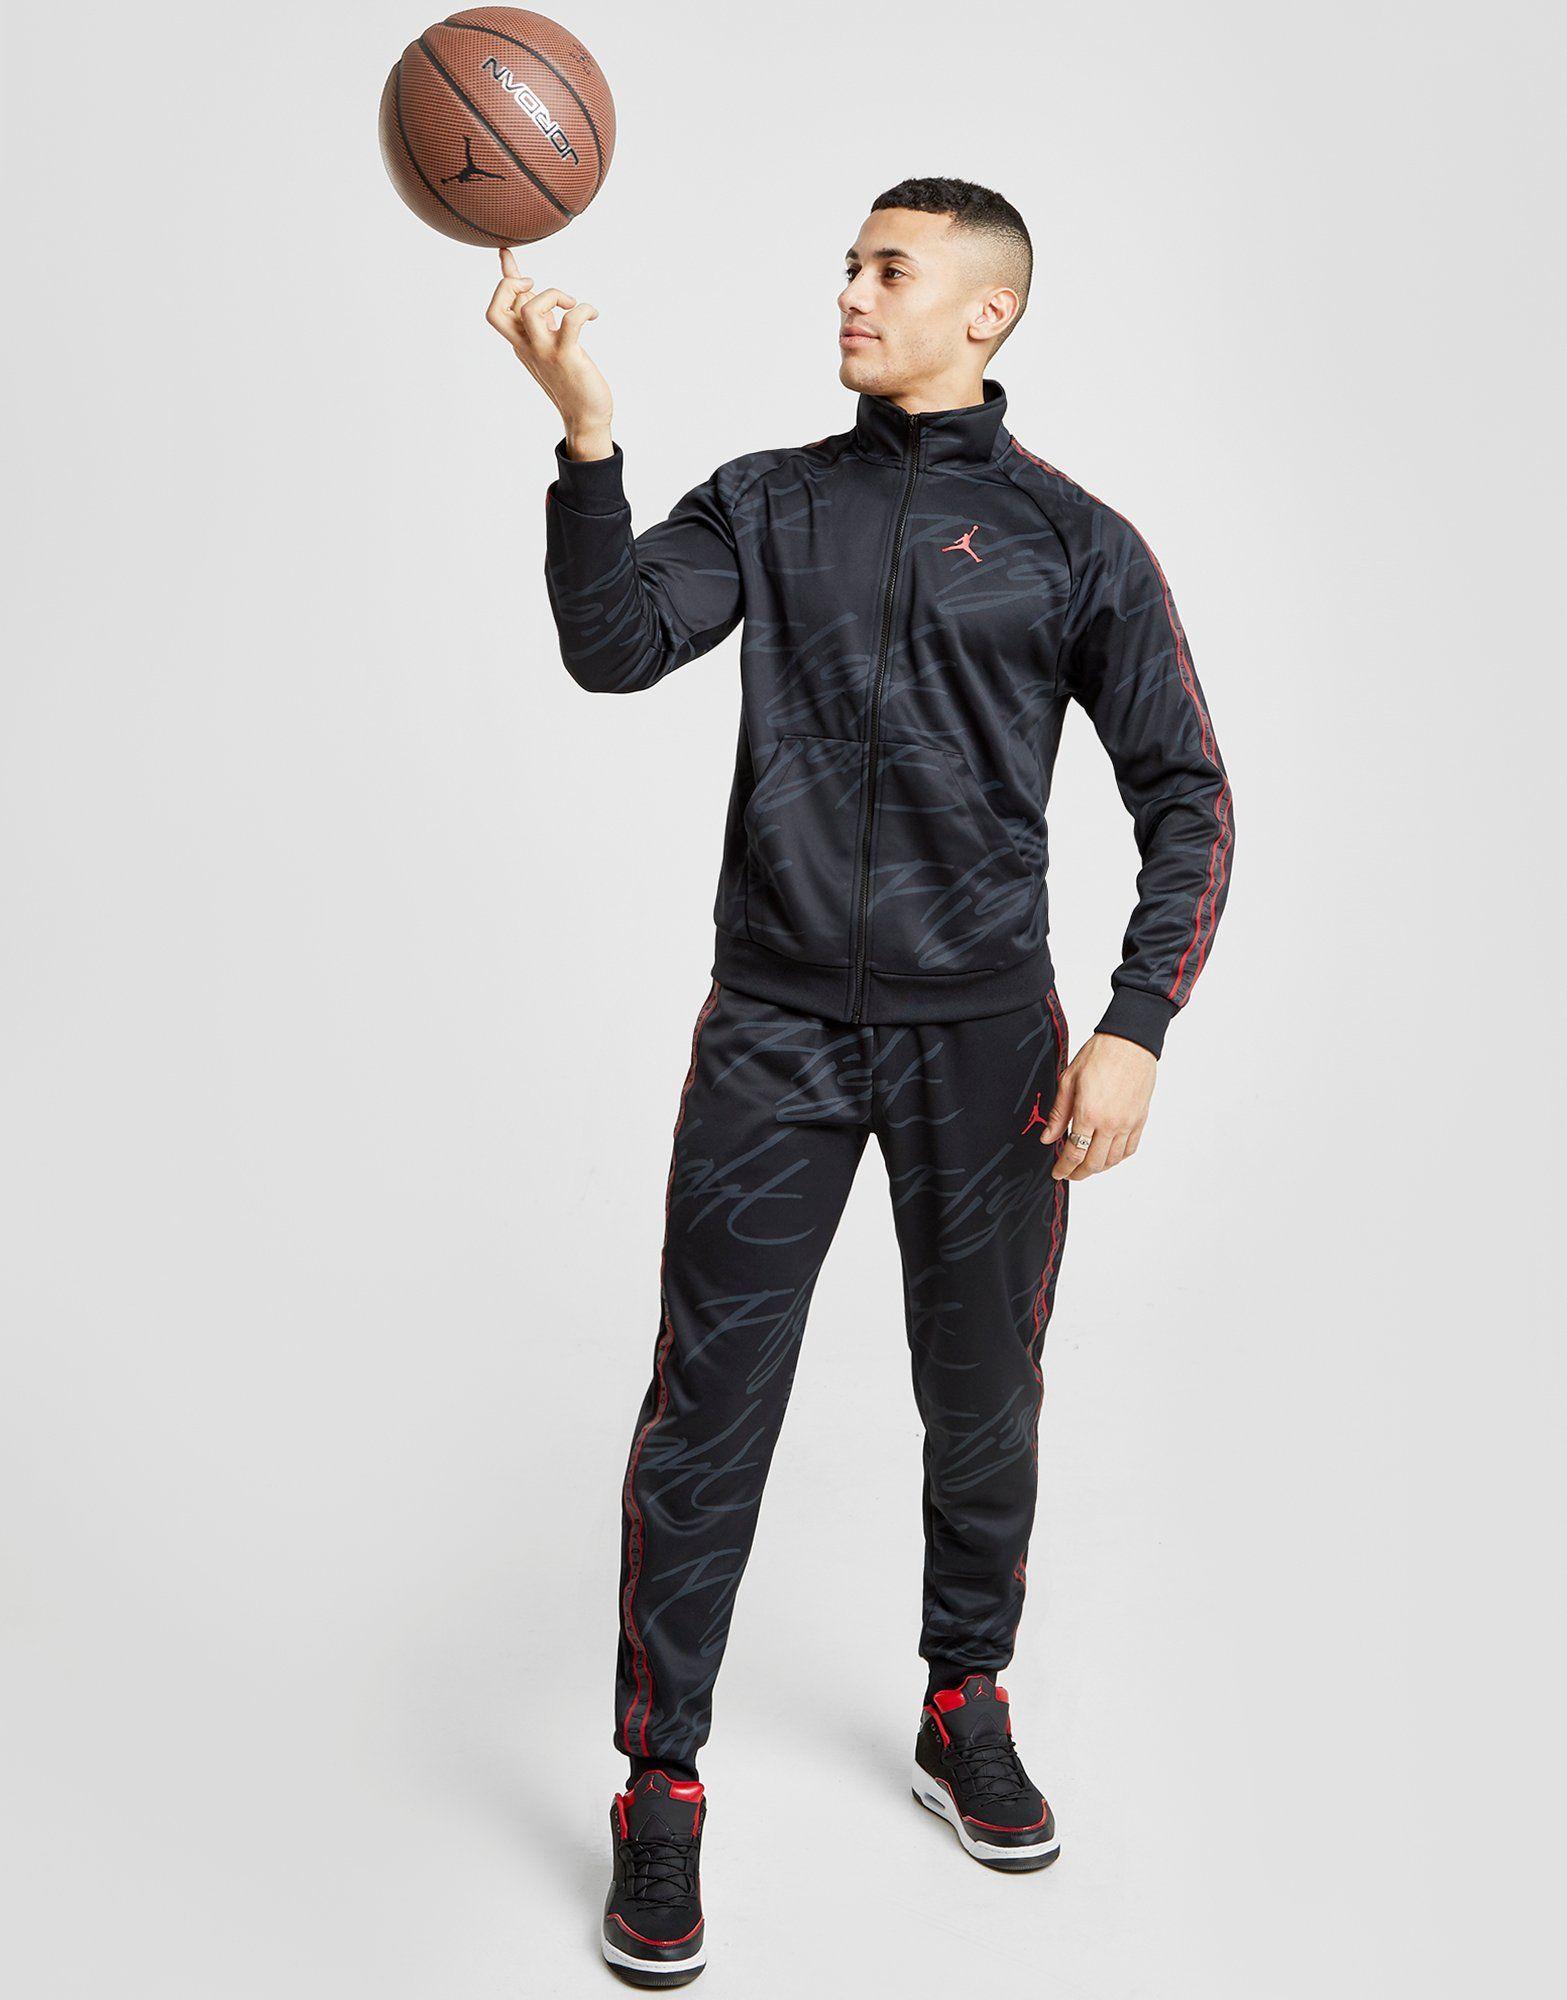 NIKE Jordan Jumpman Tricot Men's Graphic Trousers